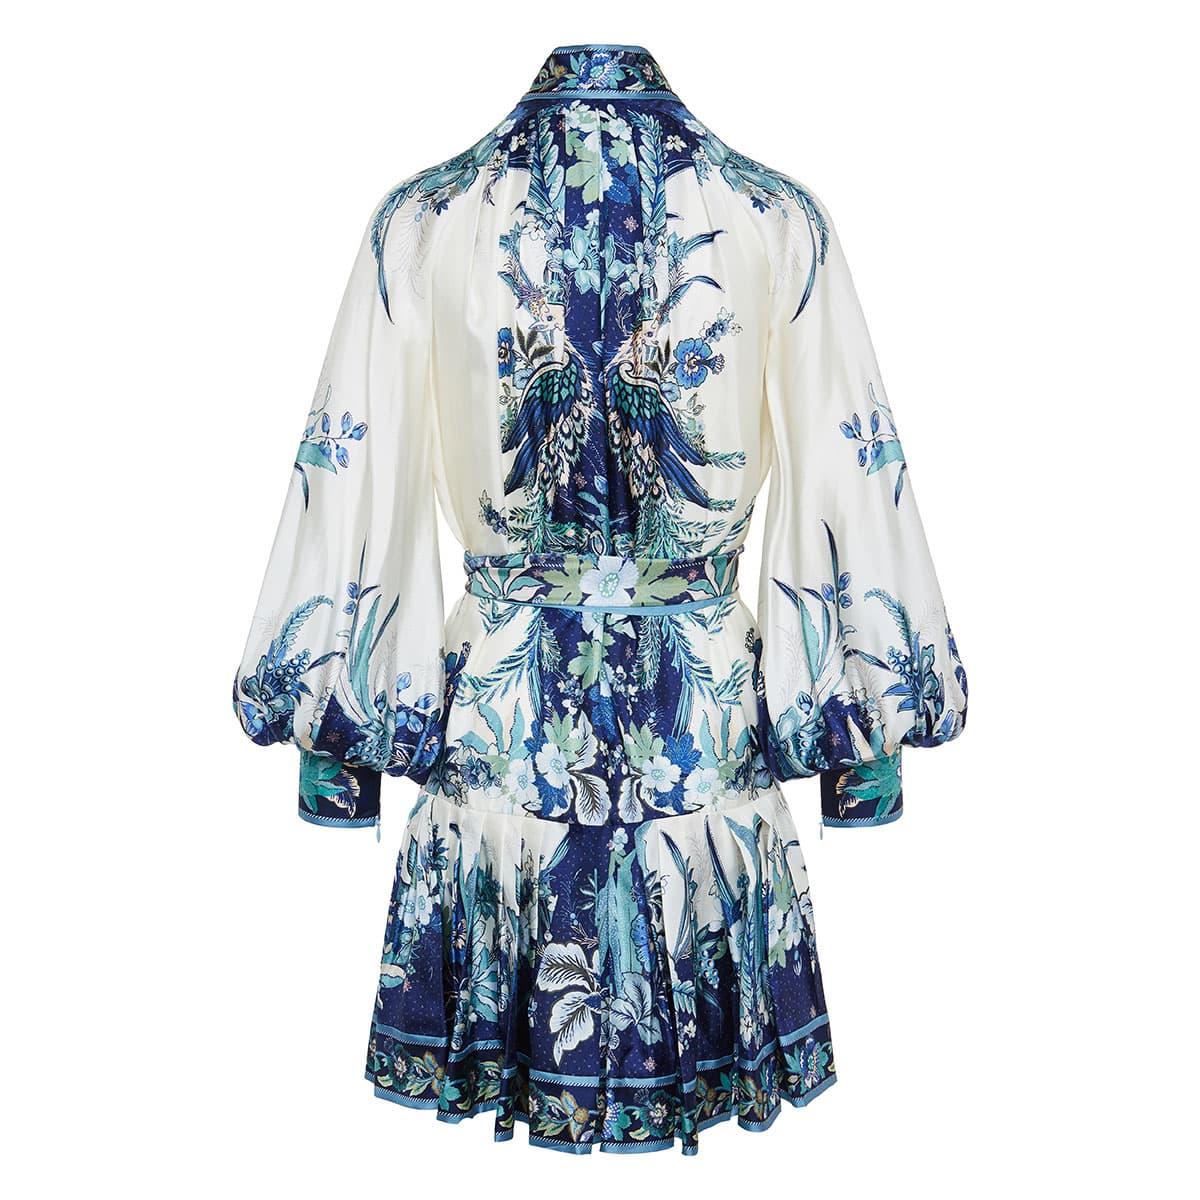 Glassy printed silk mini dress